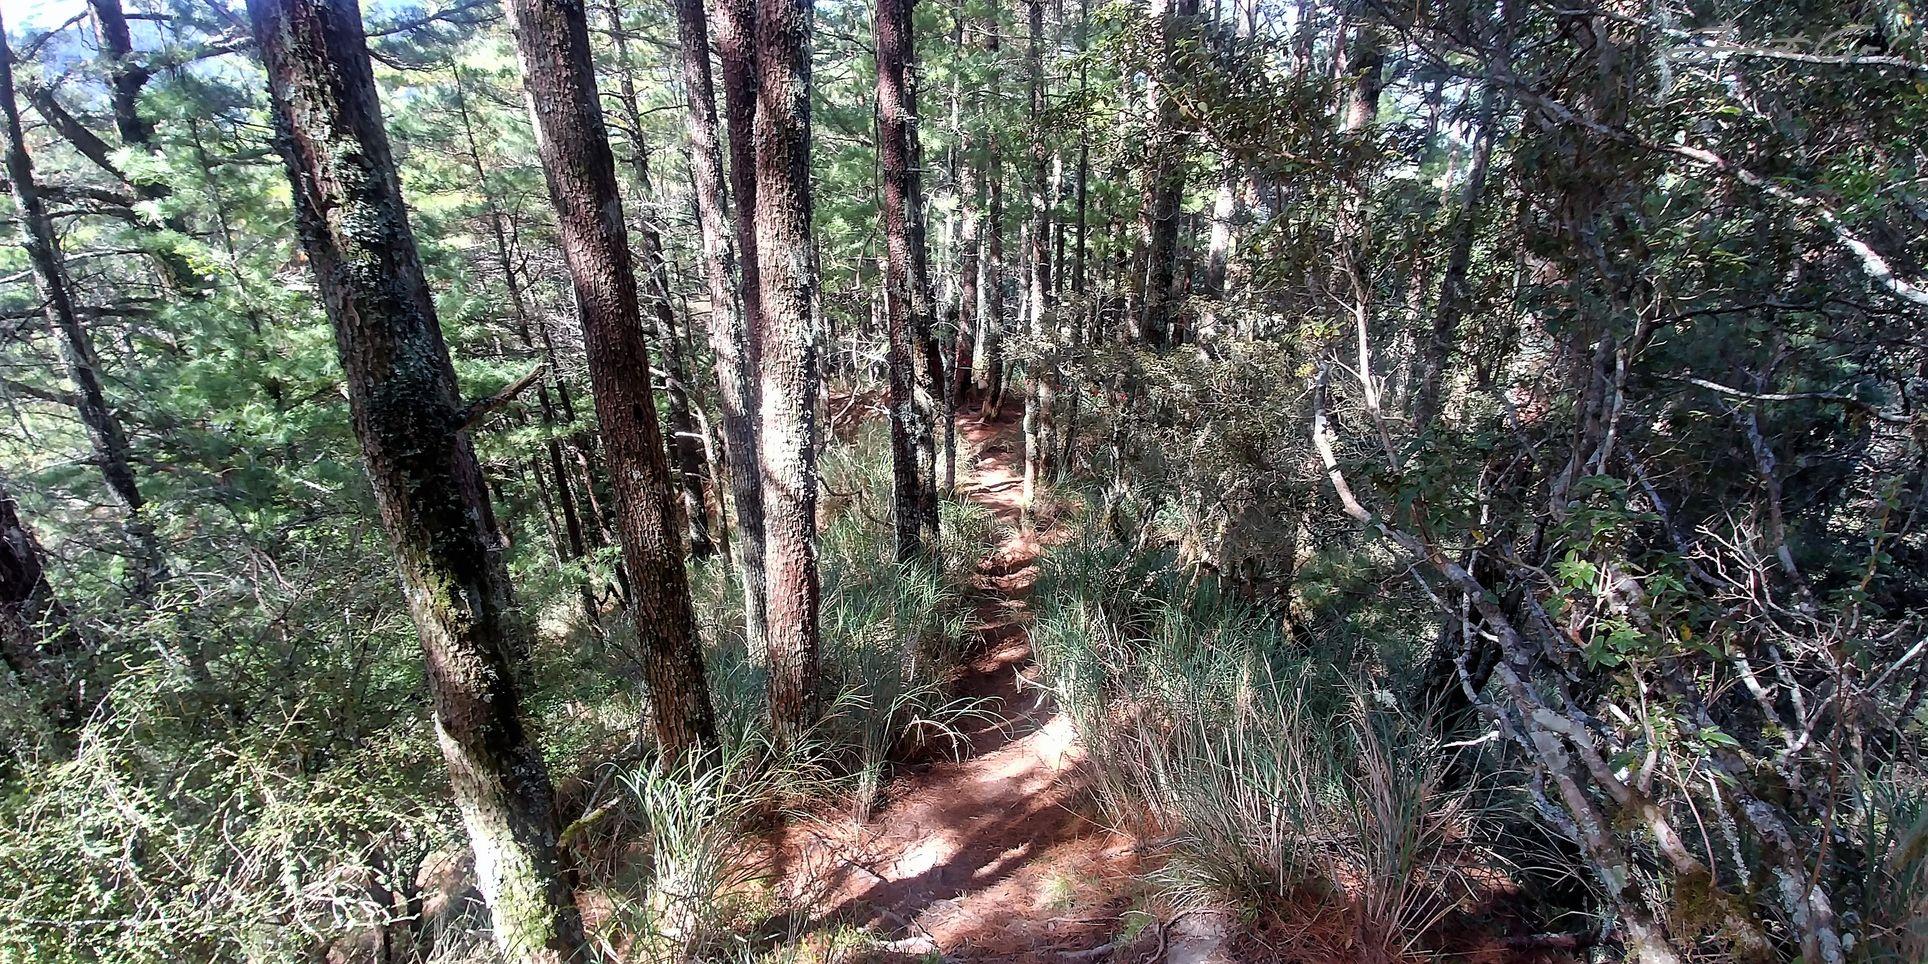 一日百岳·10小時單攻屏風山-新路線地圖gpx、行程規劃、申請、登山口7